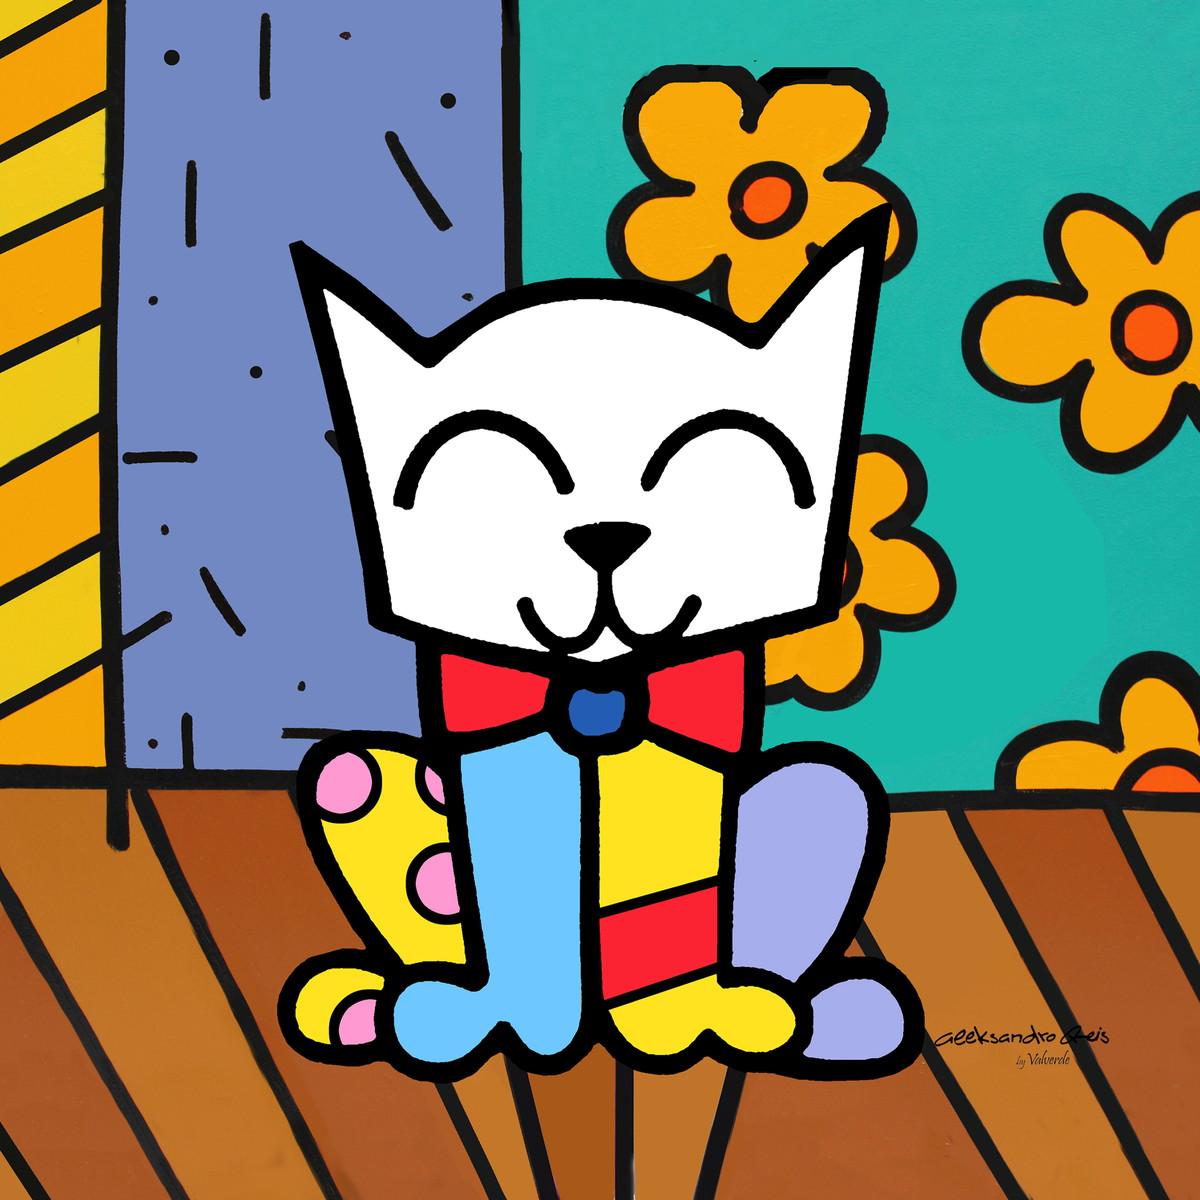 Quadro Impr Dig 30x30 Pop Art Gato No Elo7 Atelier Valverde